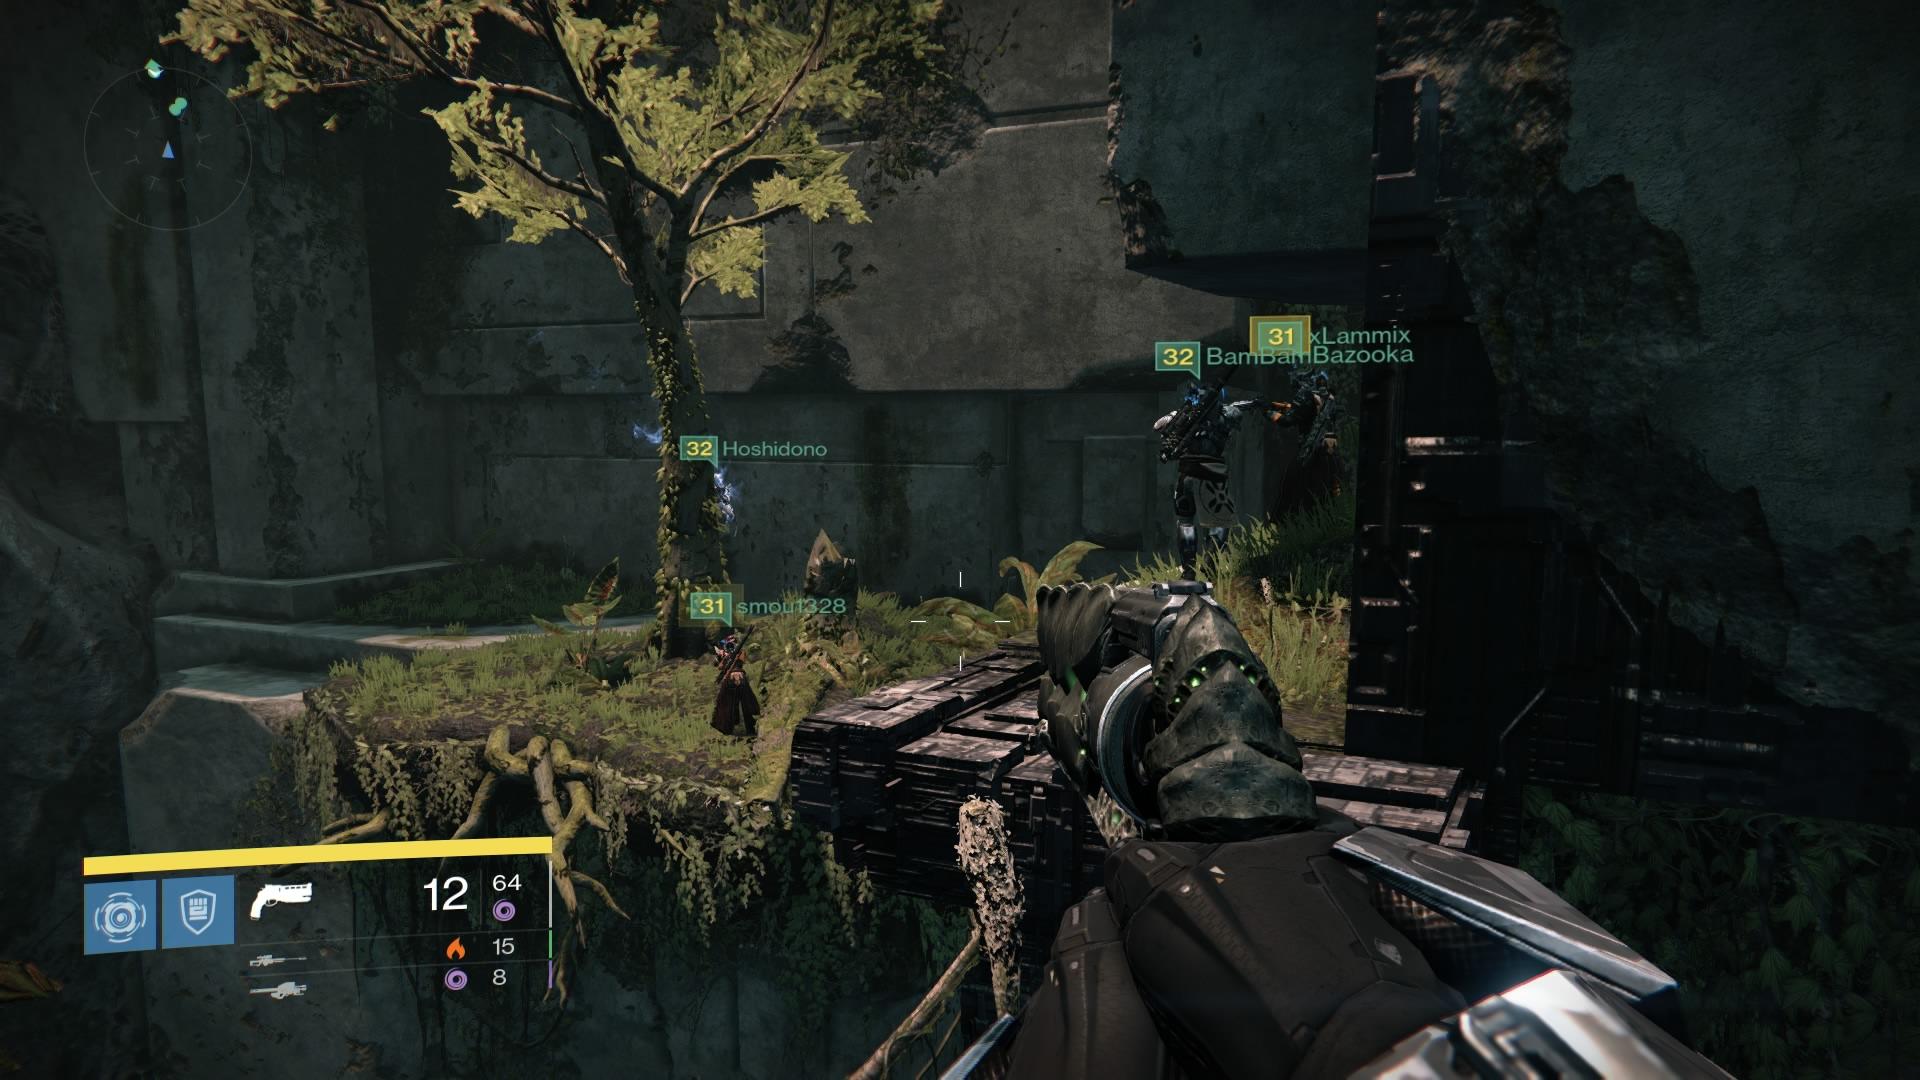 """Beschäftigungstherapie: Der Endgame-Content von Destiny ist sehr schnell durchgespielt, da muss man schon selbst für Abwechslung sorgen. Etwa bei einem Spaziergang durch einen verstecken Bereich im Sechs-Spieler-Raid """"Die Gläserne Kammer""""."""